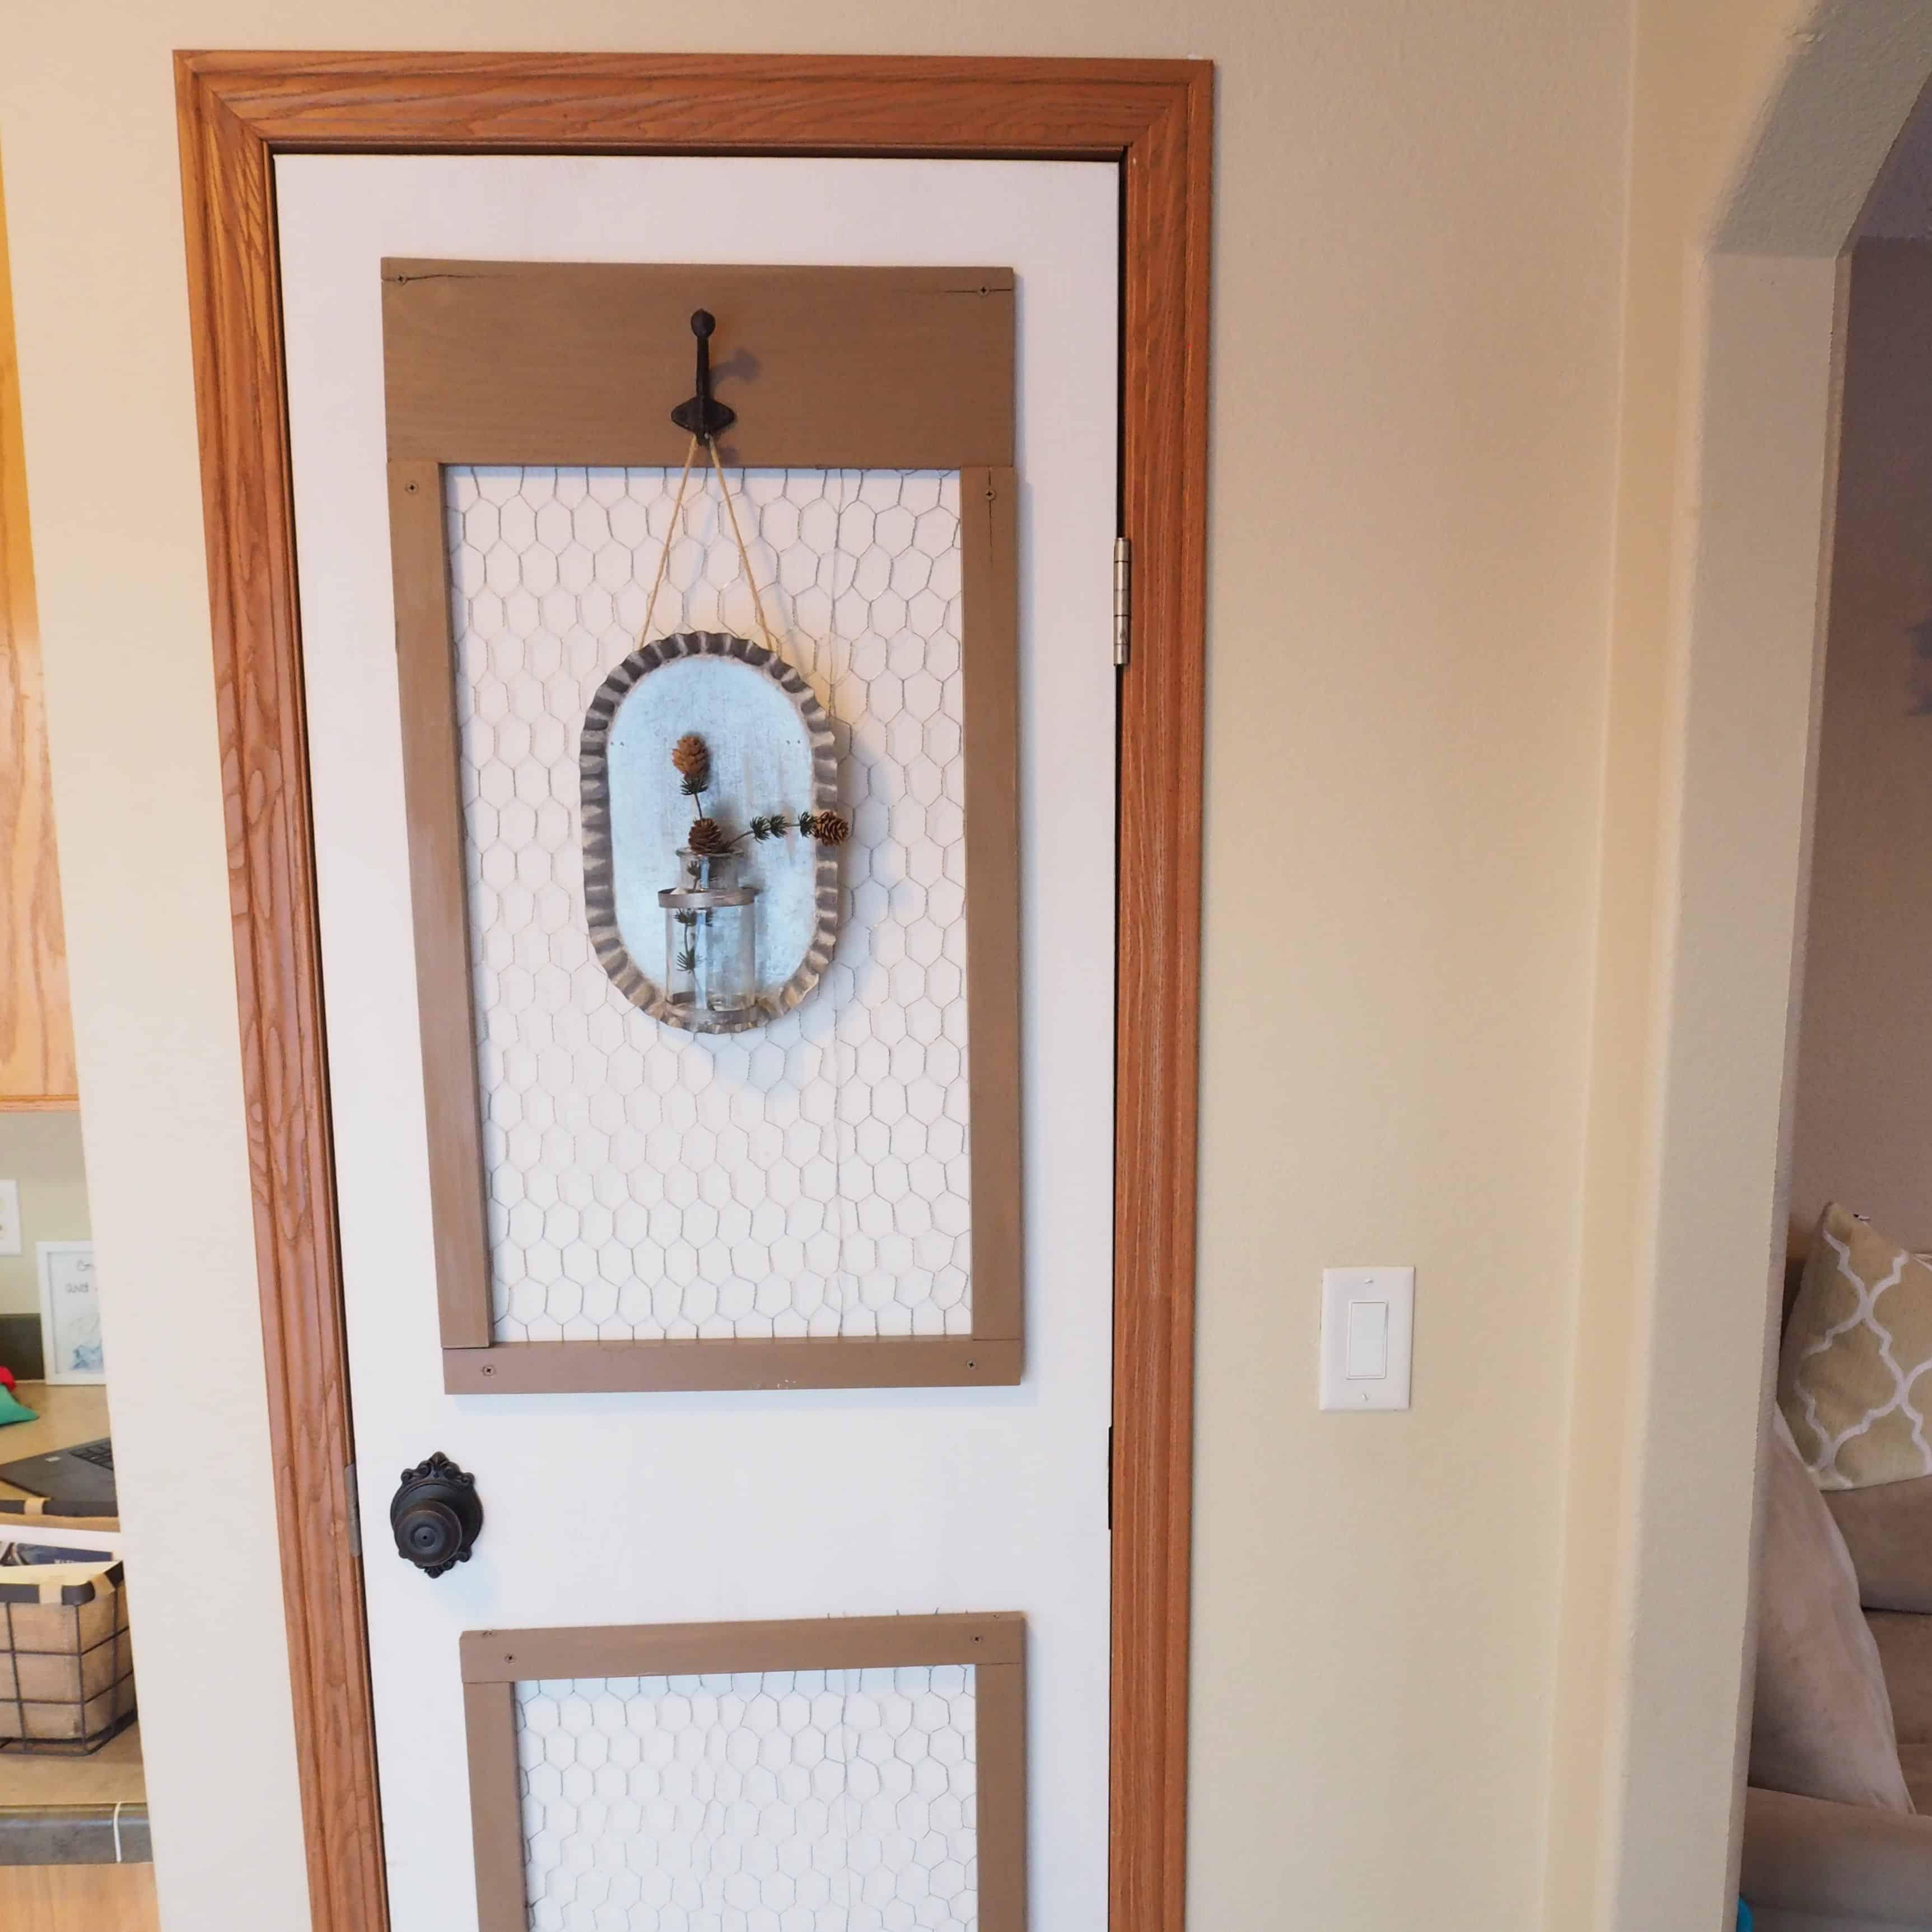 second door picture